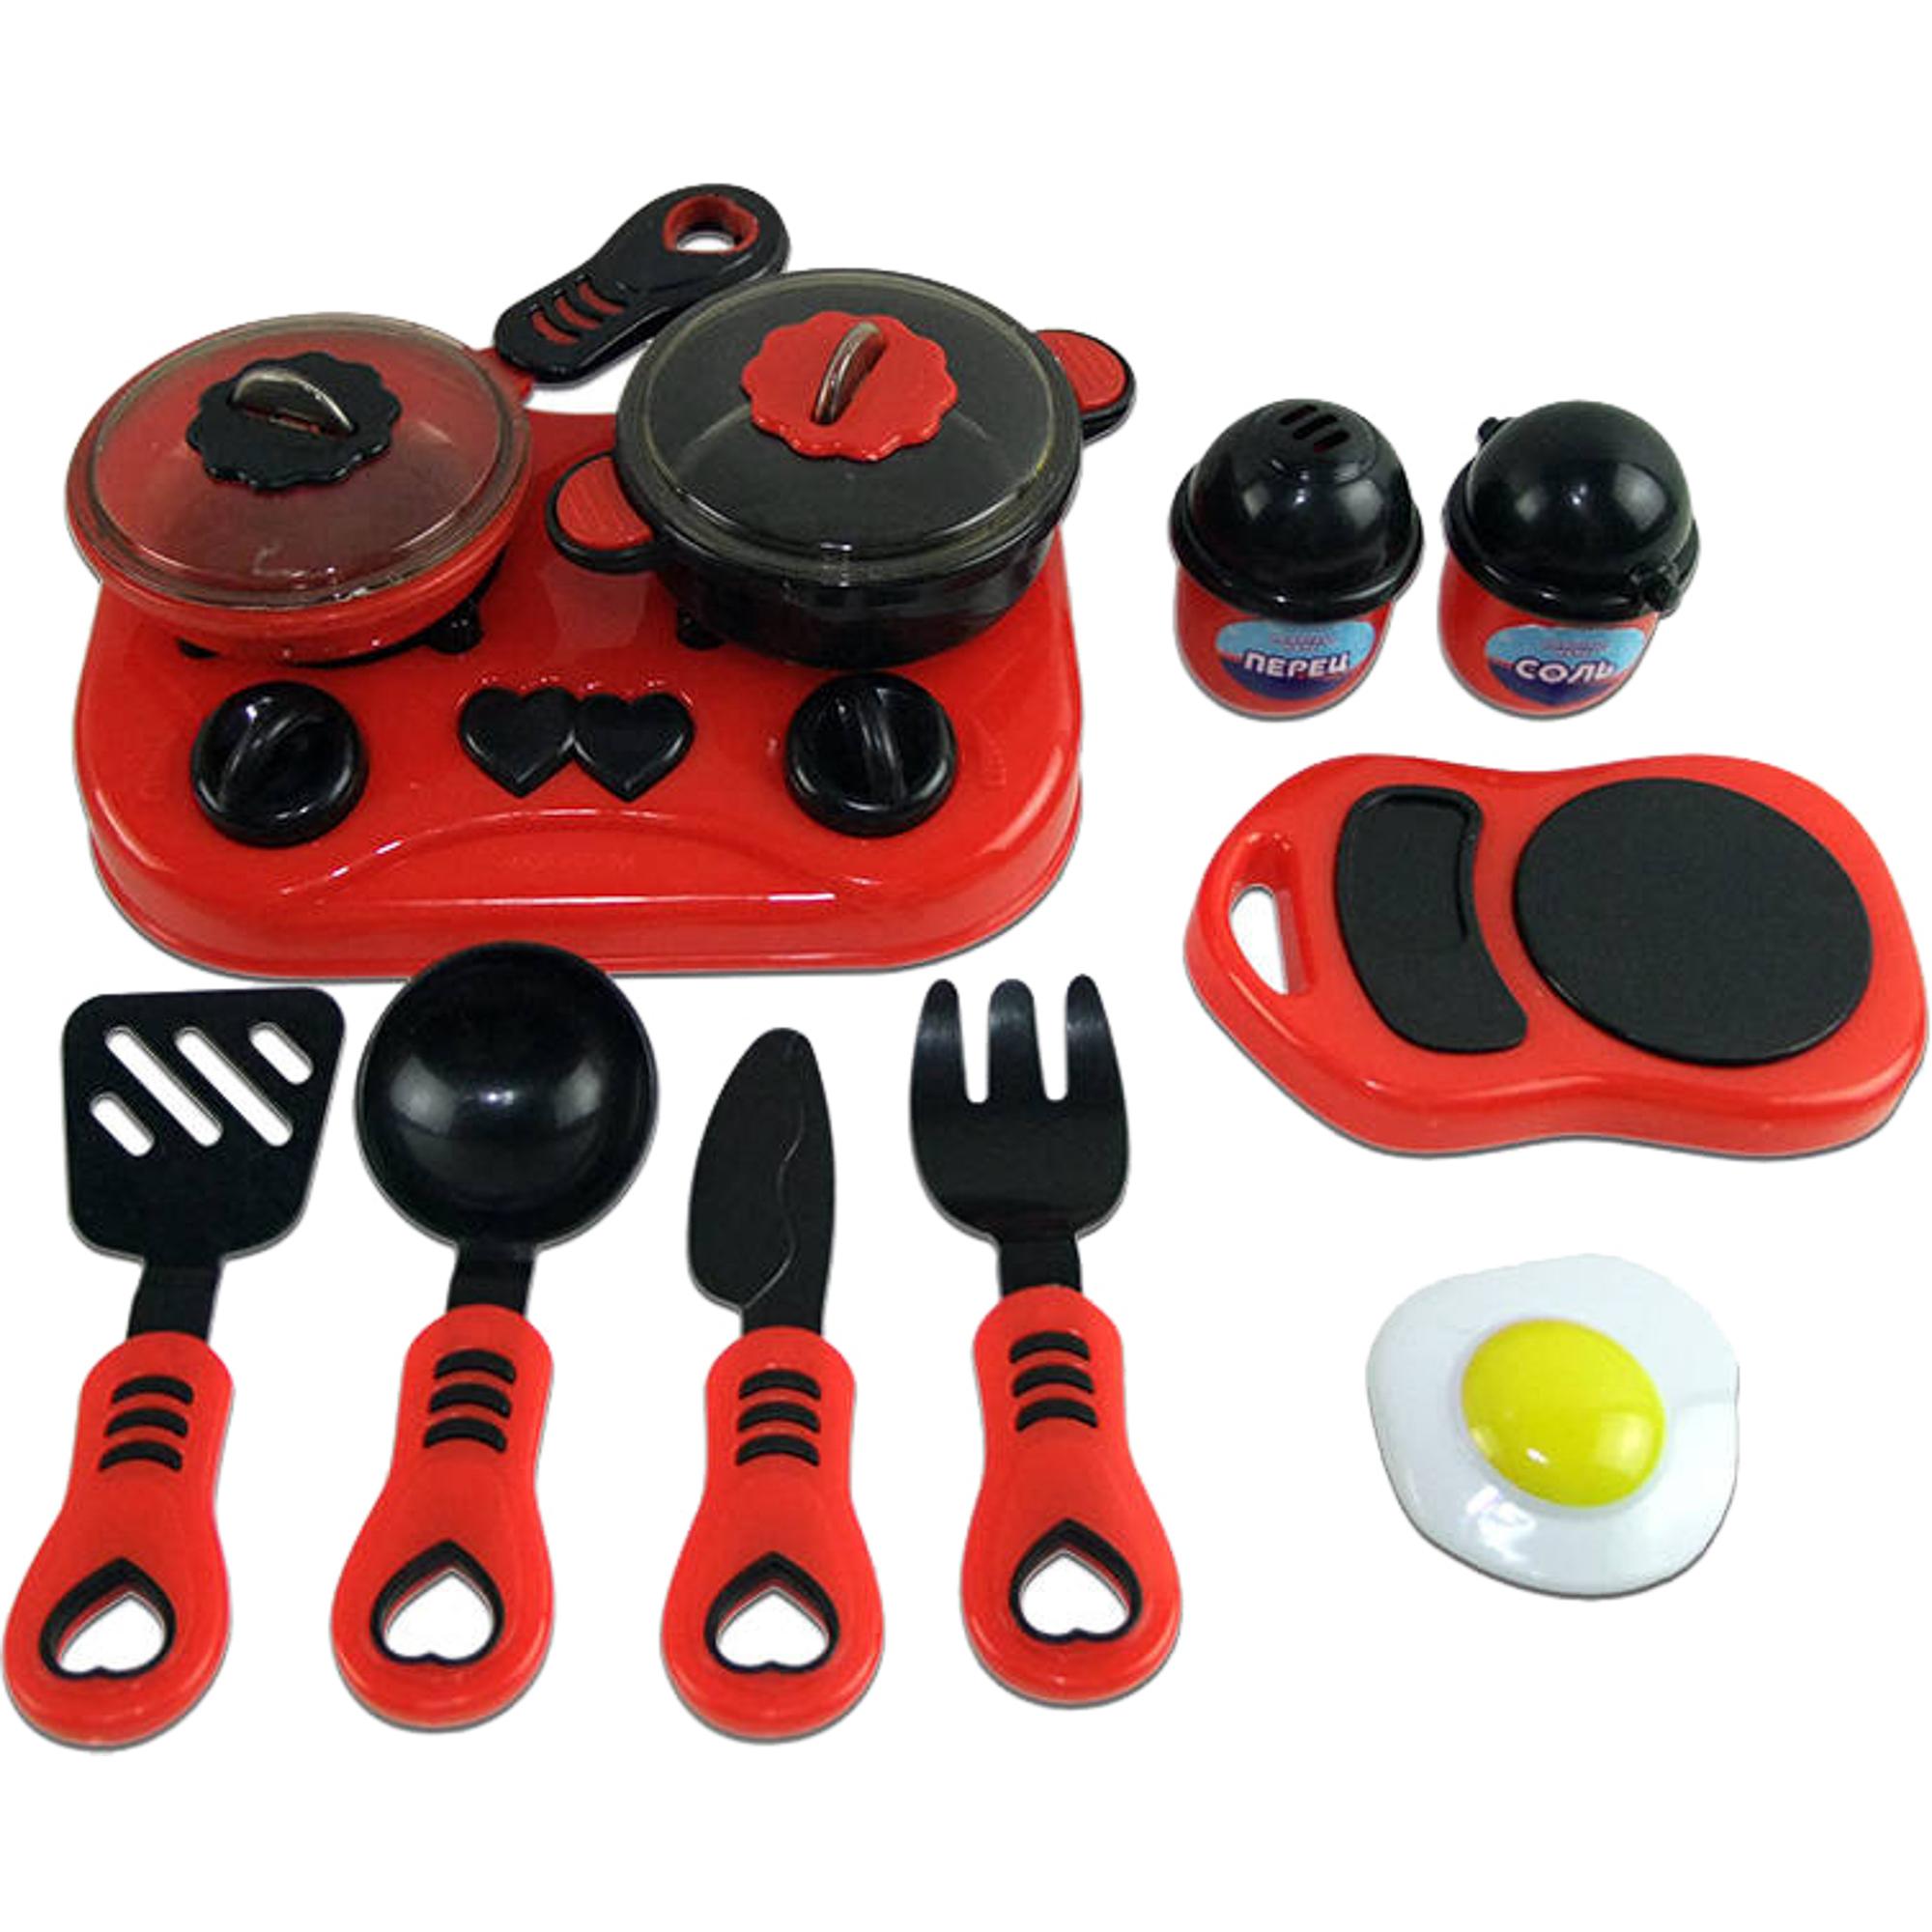 Игровой набор ABtoys Помогаю Маме Набор посуды для кухни с продуктами PT-00321 набор мебели счастливые друзья для кухни с аксесс abtoys